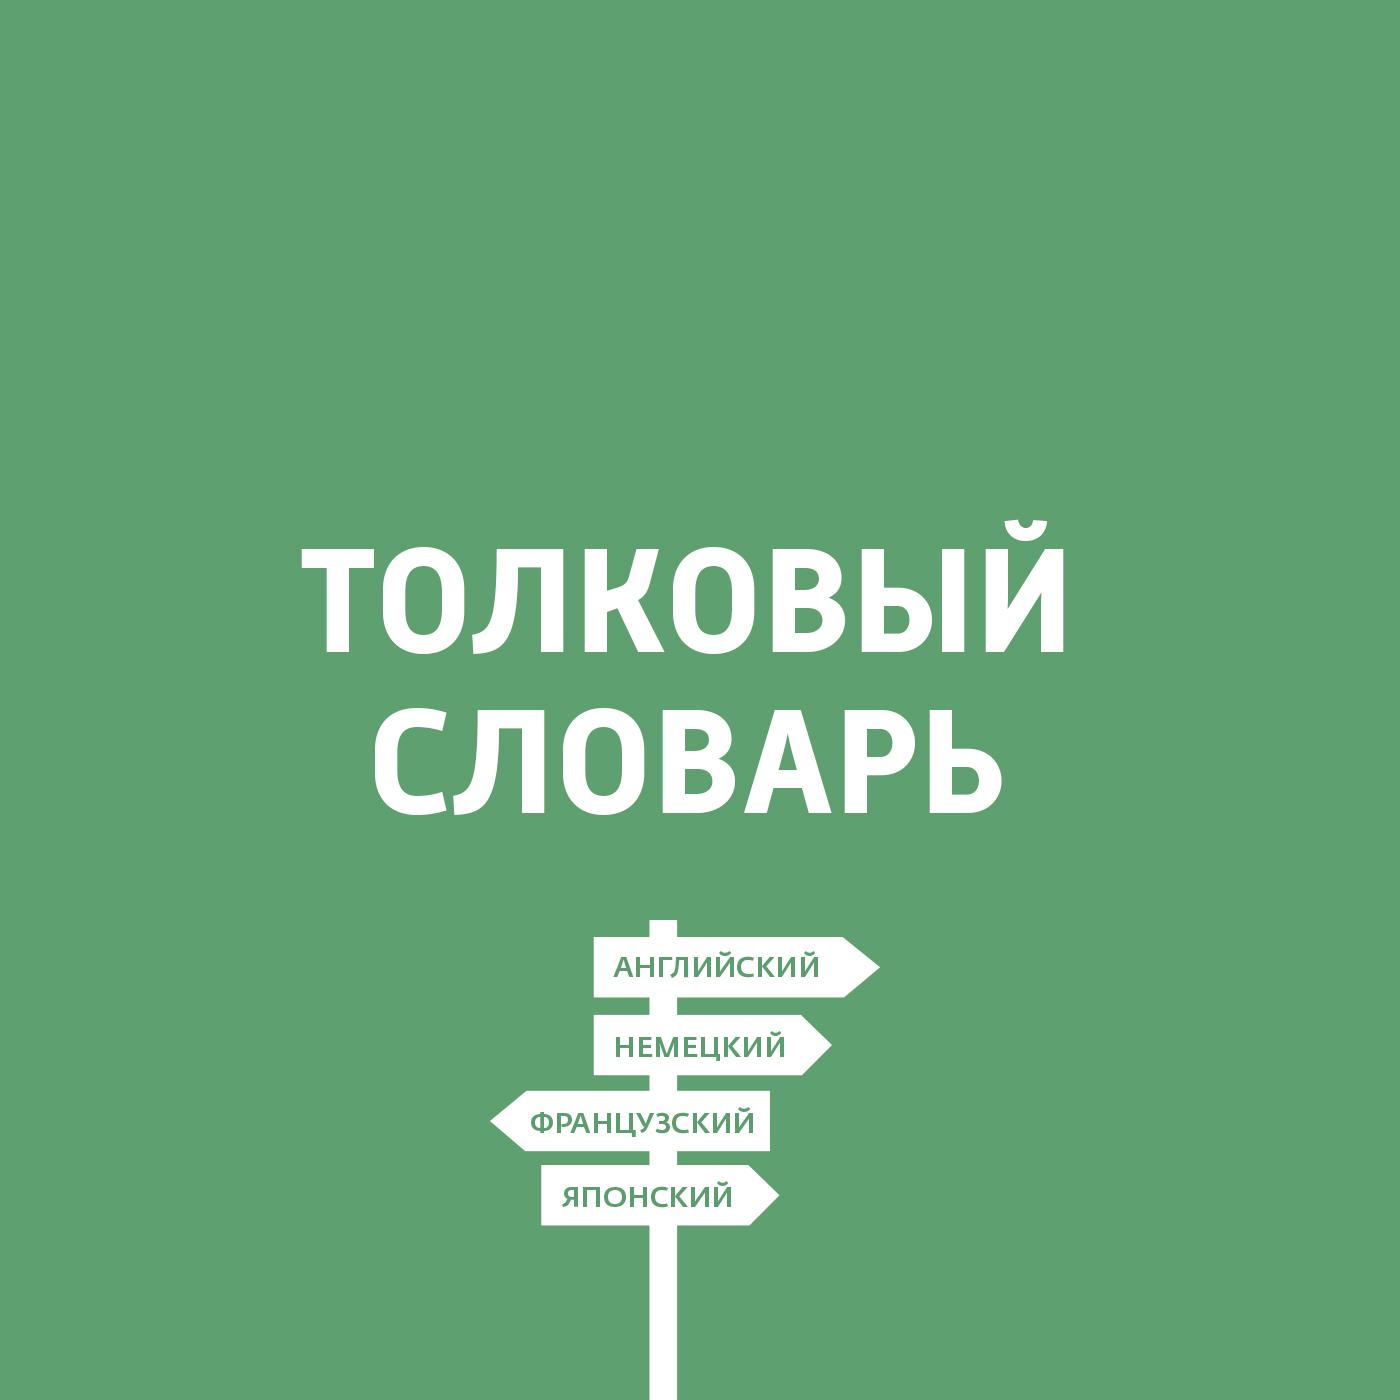 Дмитрий Петров Курьезная история английского языка. Современность мелвин брэгг 0 приключения английского языка